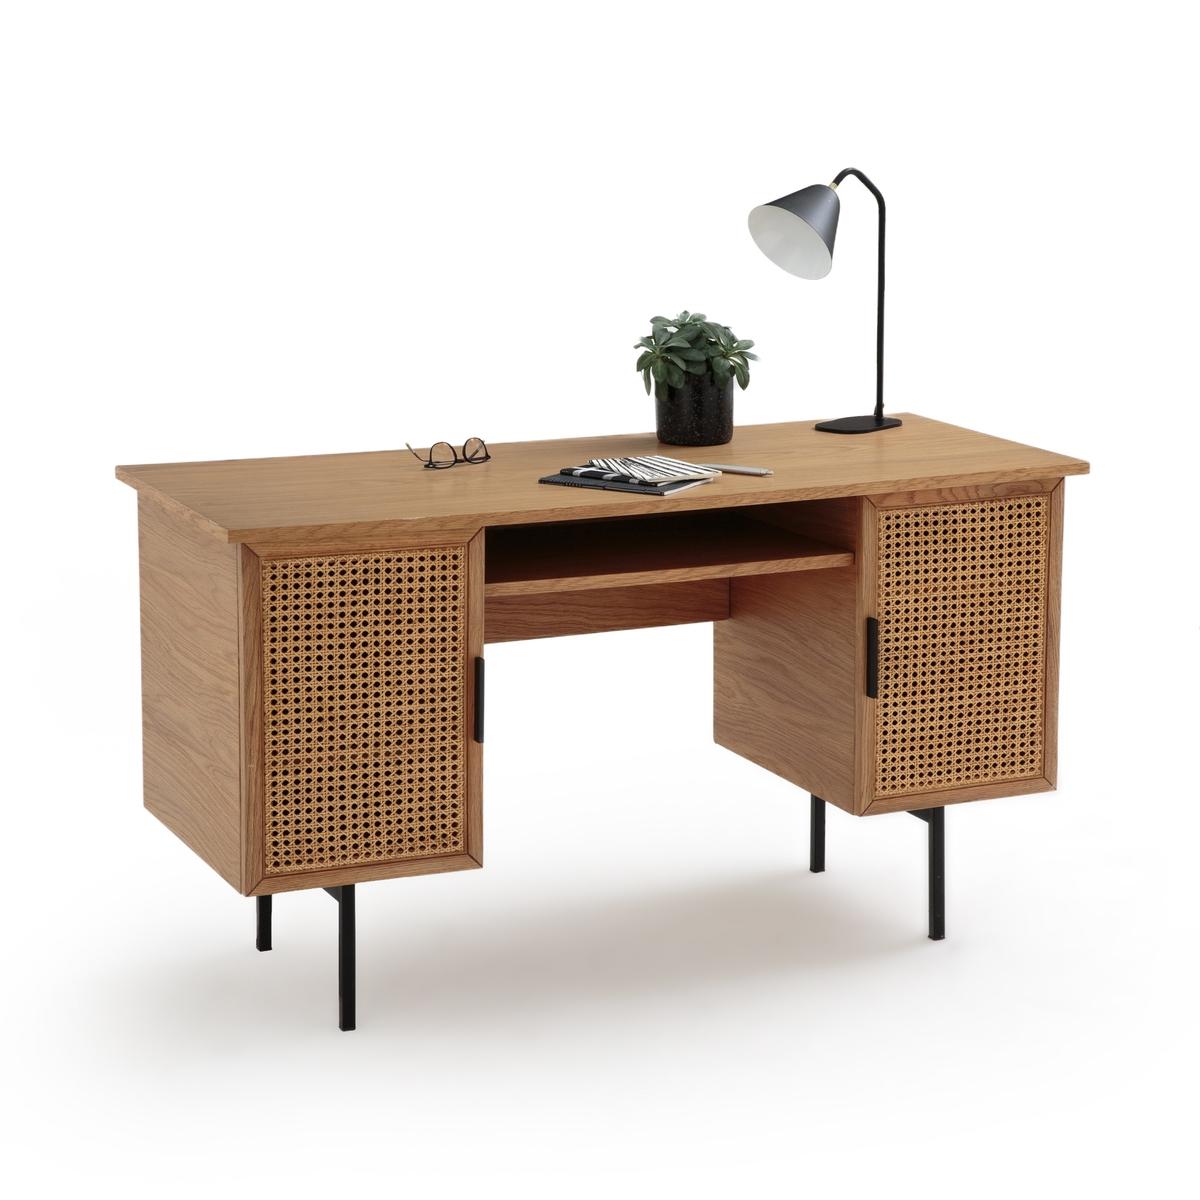 Стол La Redoute Письменный с двумя ящиками Waska единый размер каштановый письменный la redoute стол для кровати чердака duplex единый размер каштановый